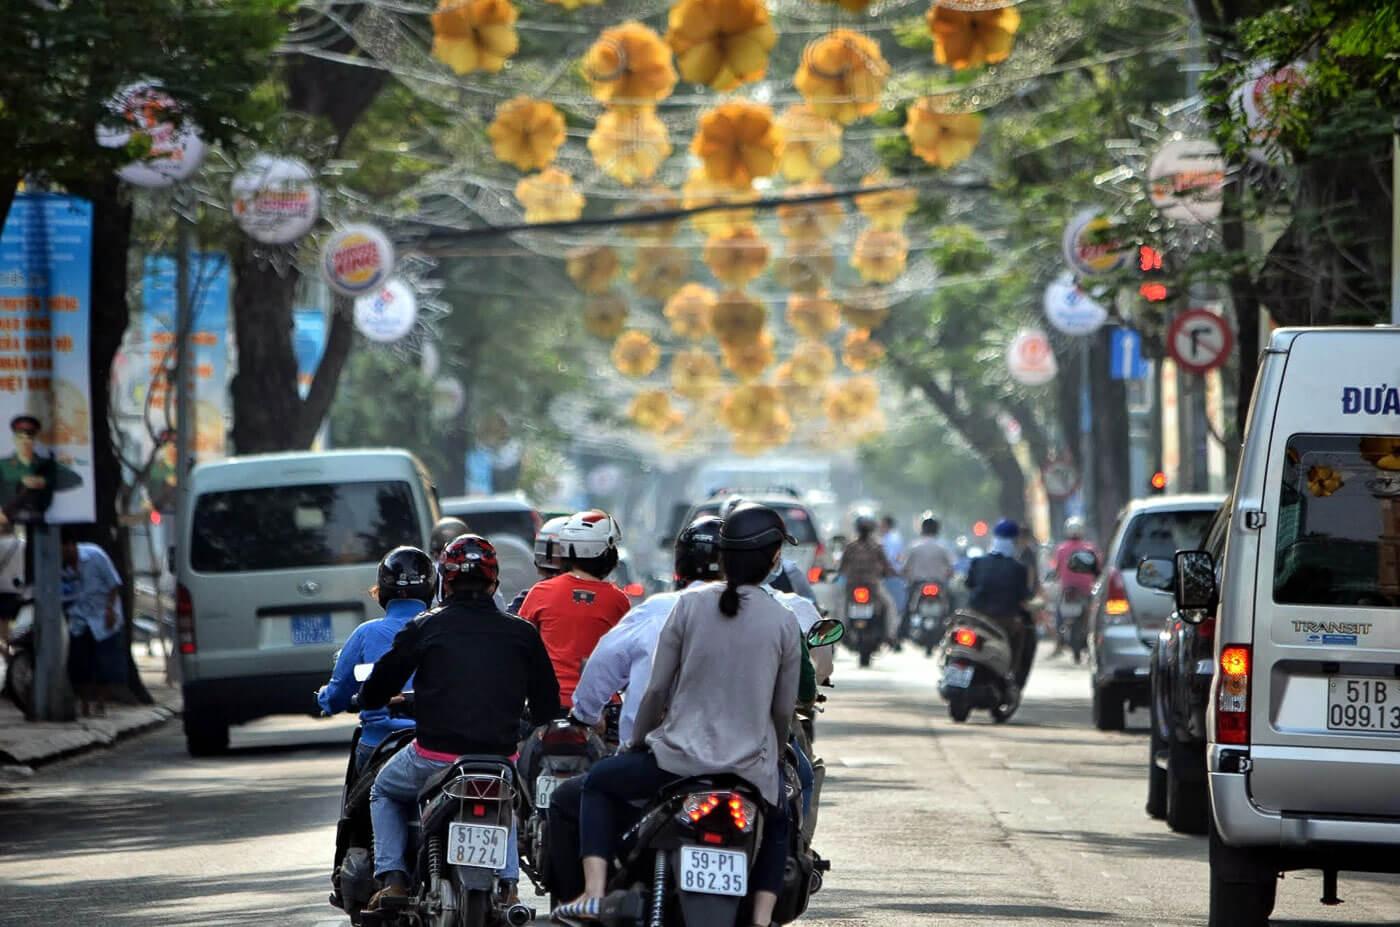 Turismo no Vietna - Pessoas dirigindo sccoters